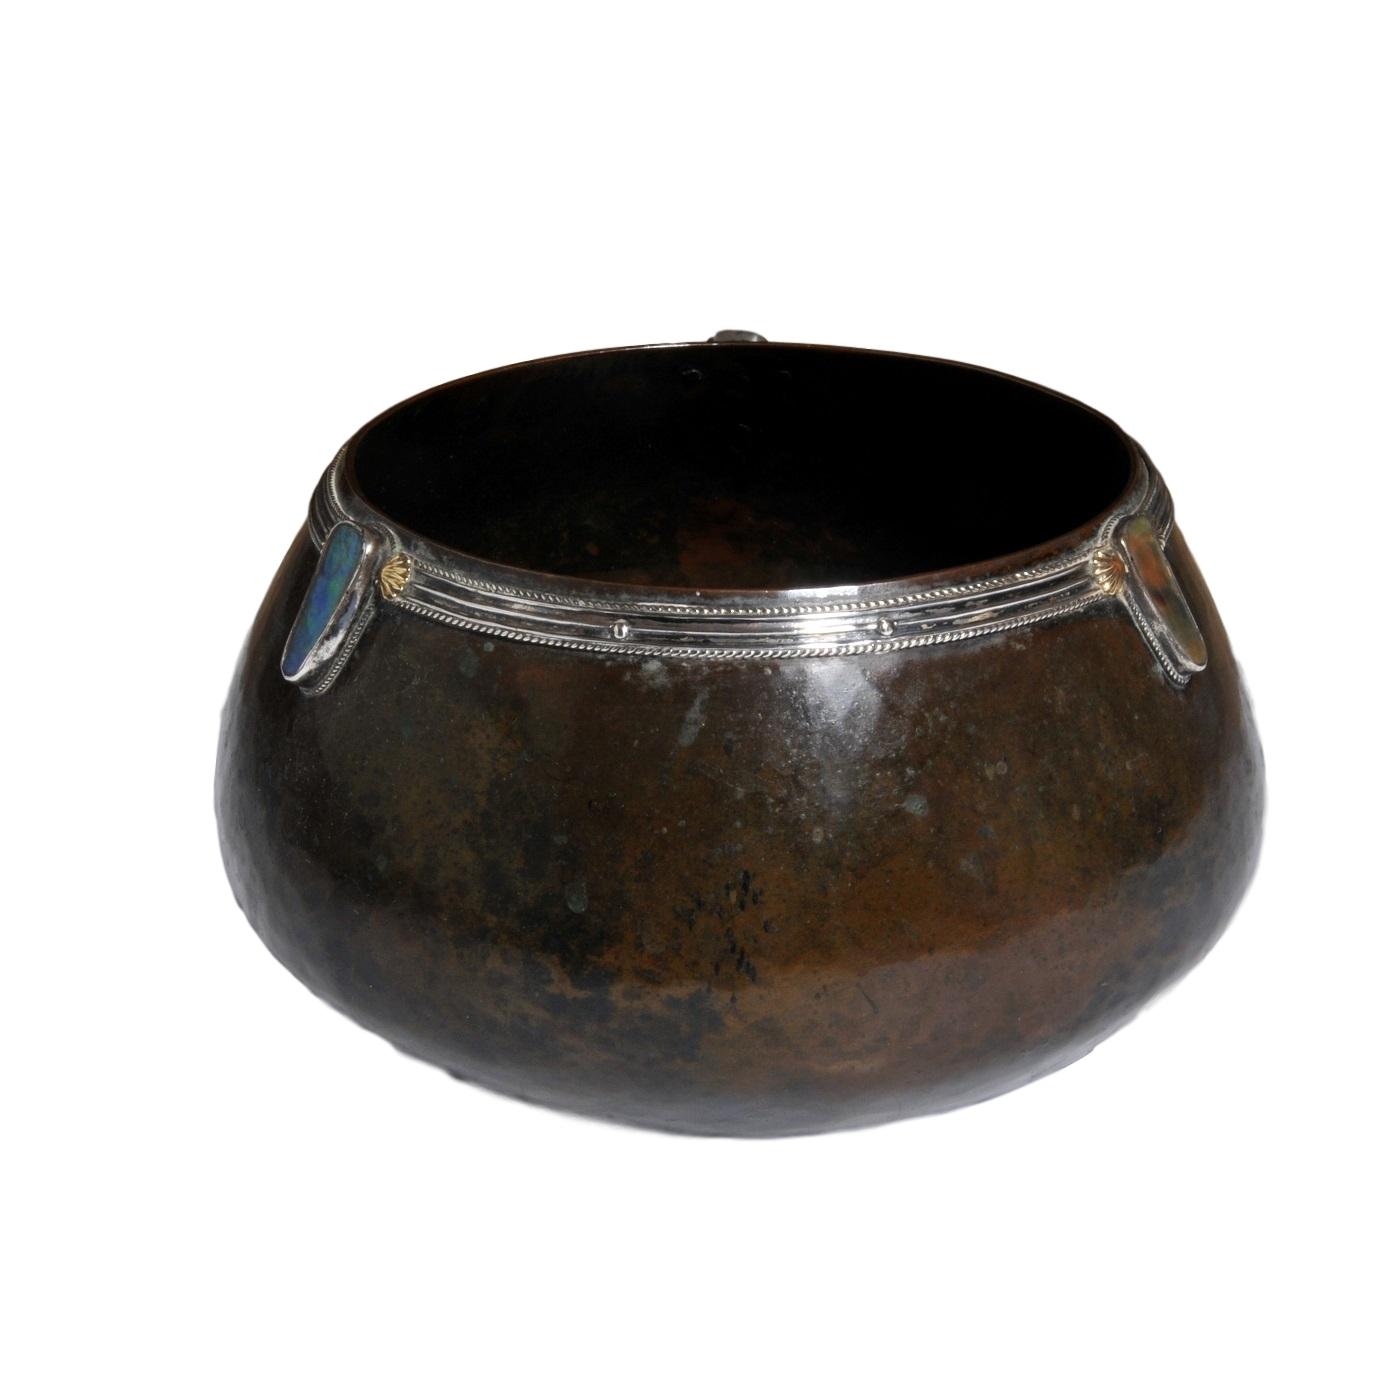 John Paul Cooper bowl